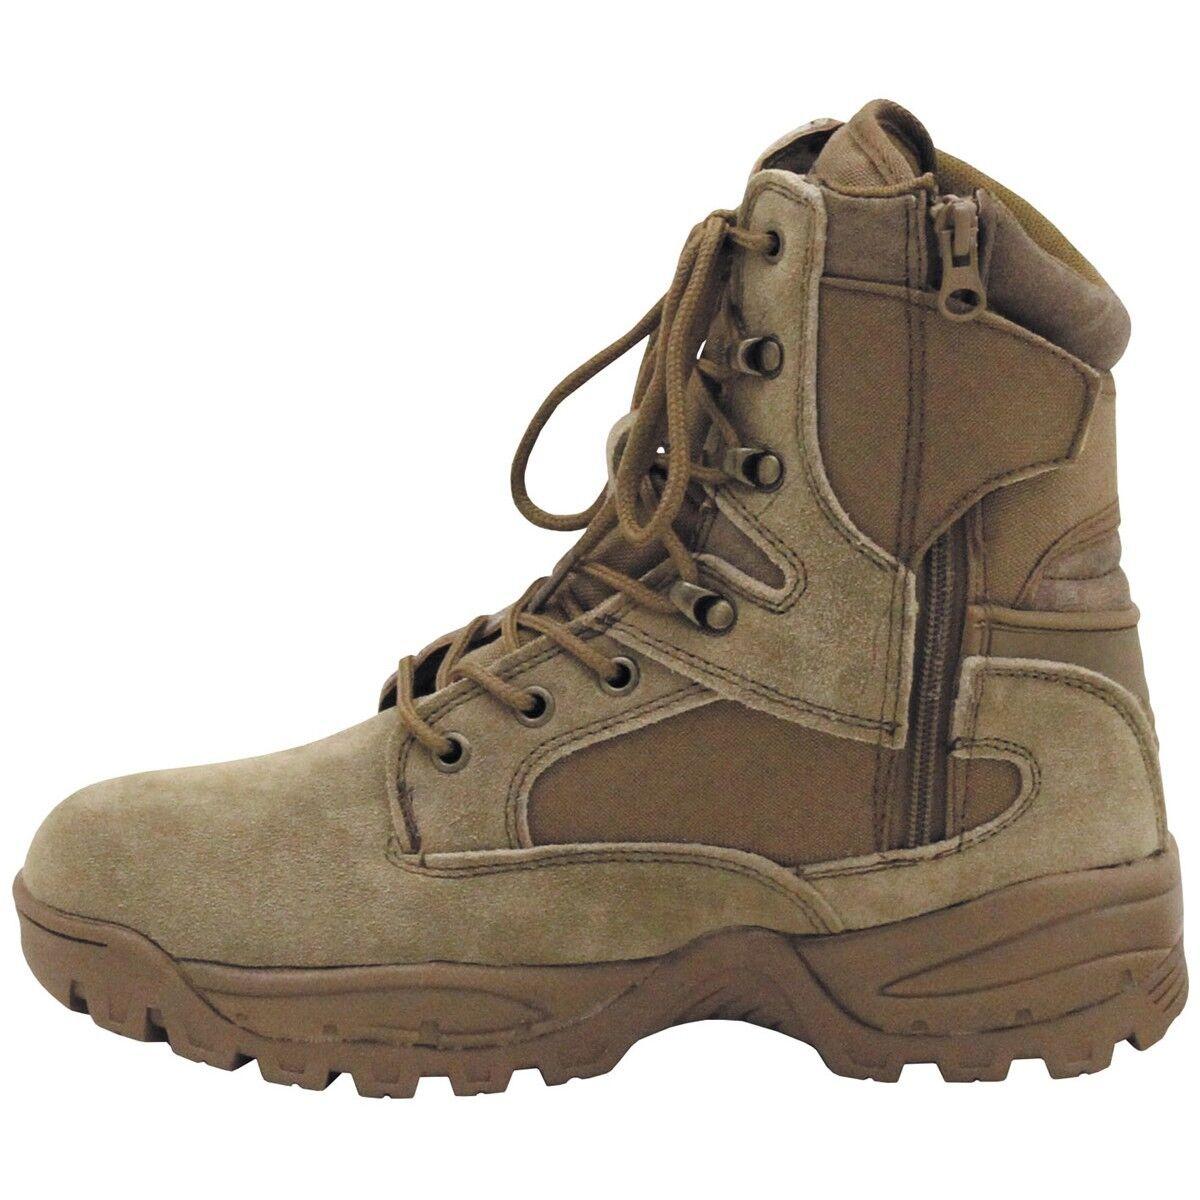 MFH Stivali Scarponi militari Anfibi uomo Zipper donna militari Scarponi Trekking Mission Boots 738fa5